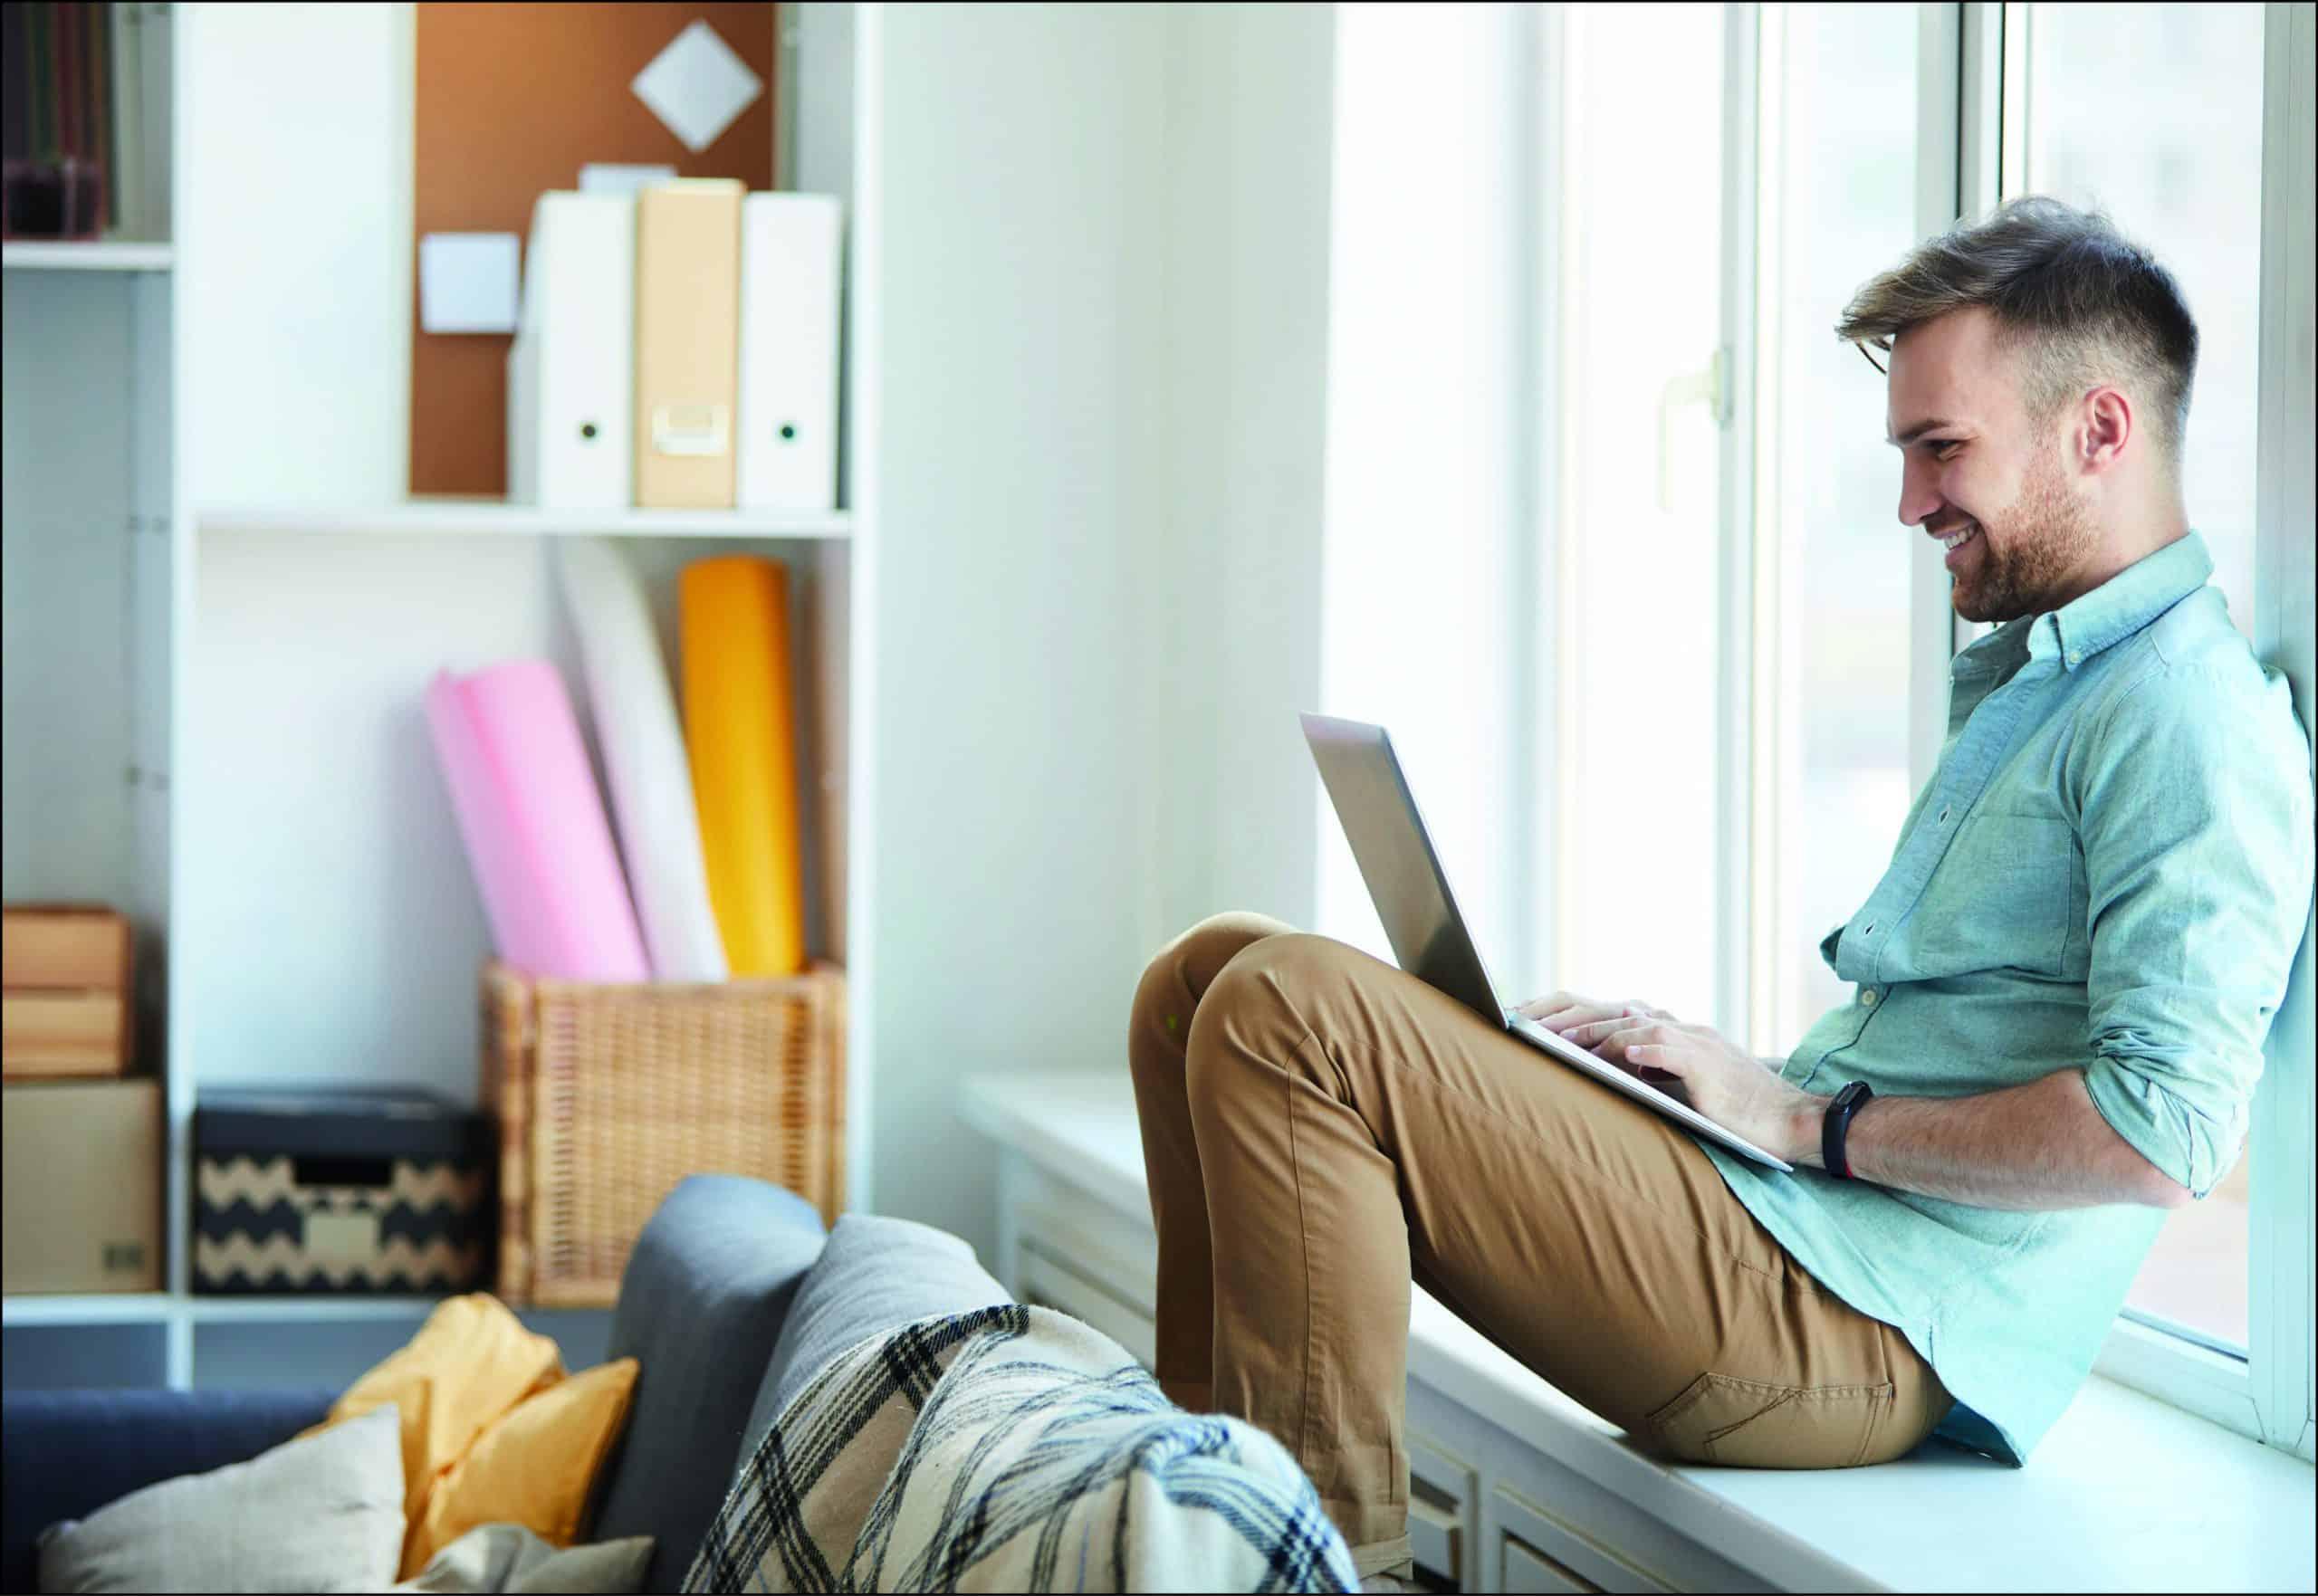 Stellensuche mit Social Media: ein Mann sitzt lachend vor einem Laptop